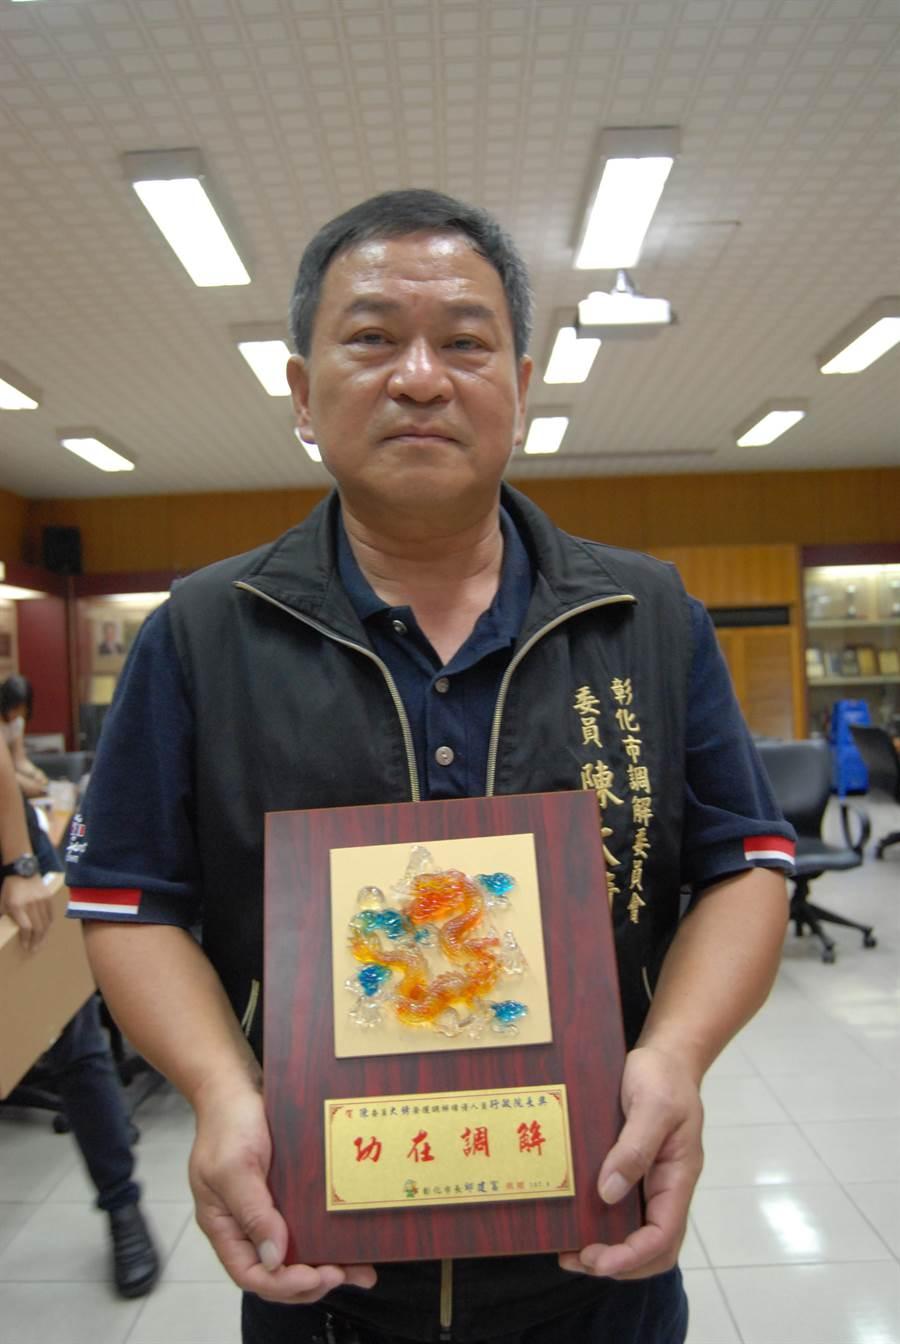 陳大錡委員的調解績效已連續14年獲中央行政院長獎被譽為「調解王」(謝瓊雲攝)